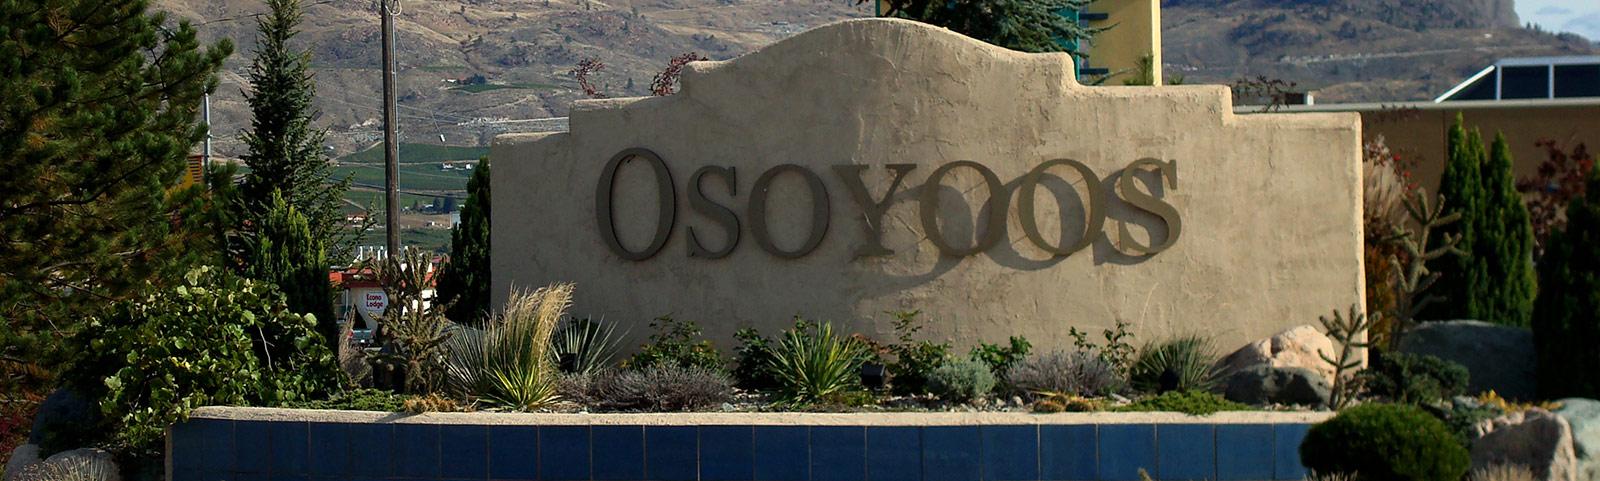 Osoyoos, BC